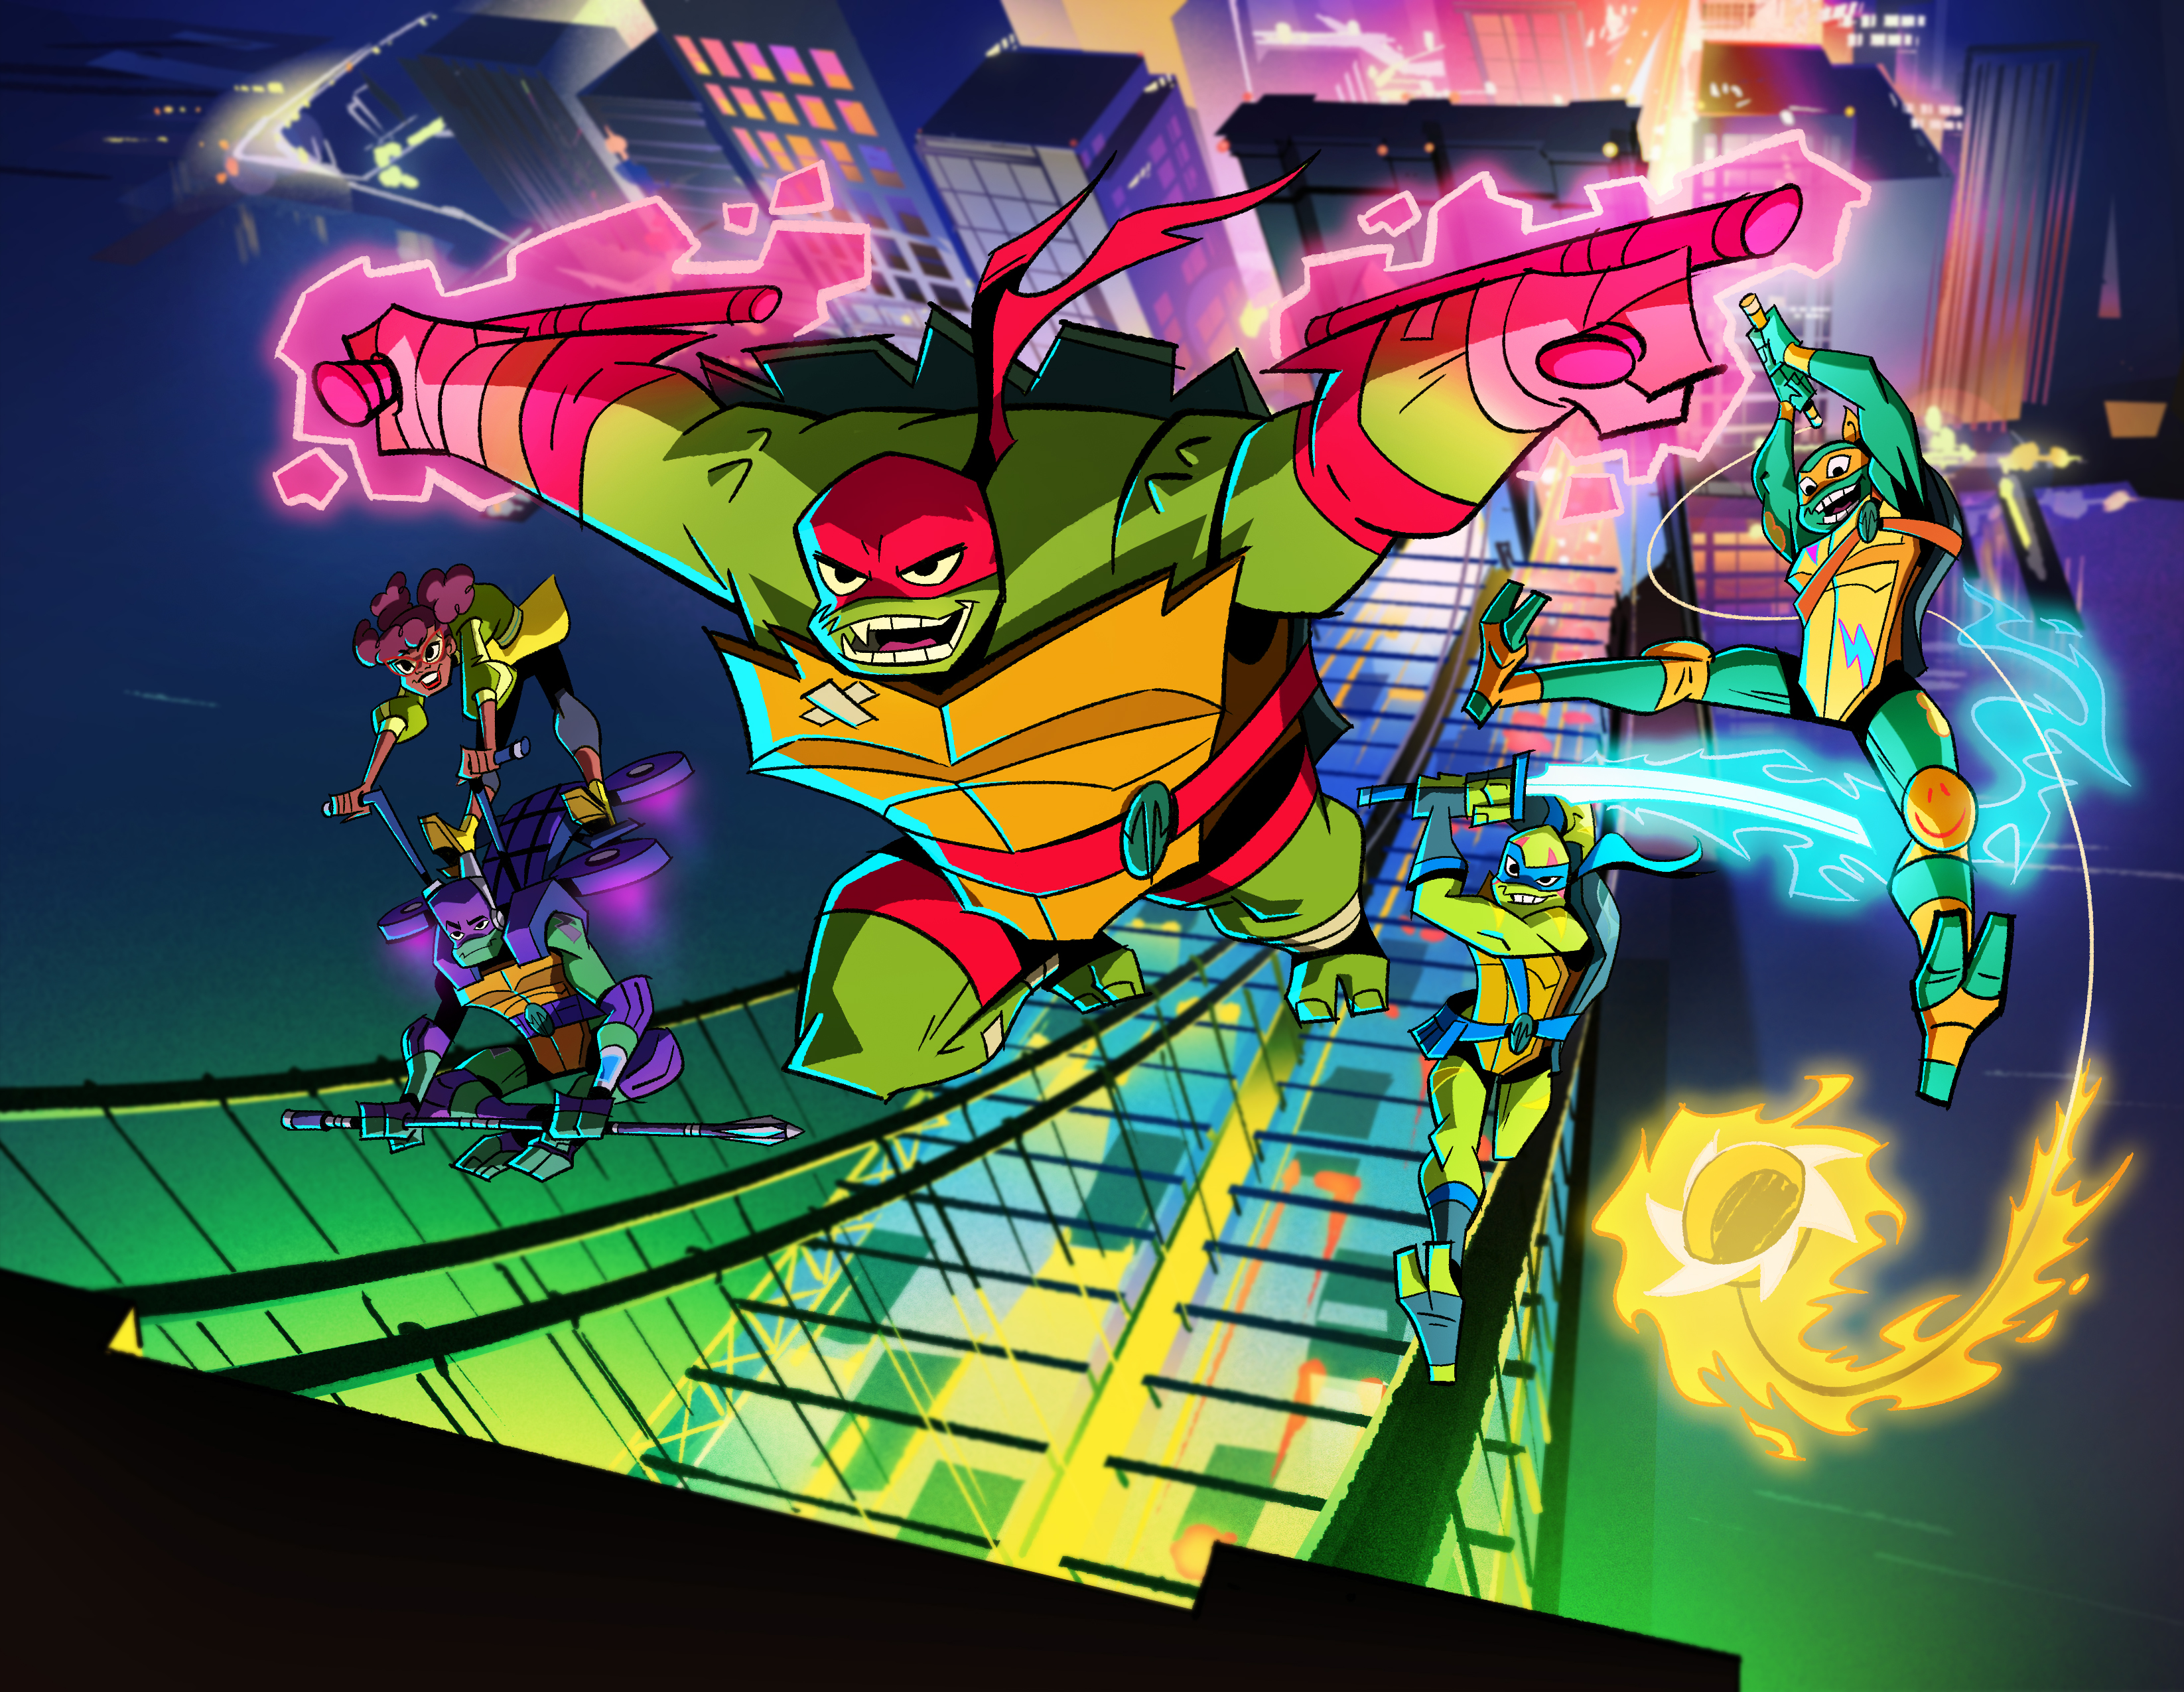 Rise of the Teenage Mutant Ninja Turtles Character Art Revealed